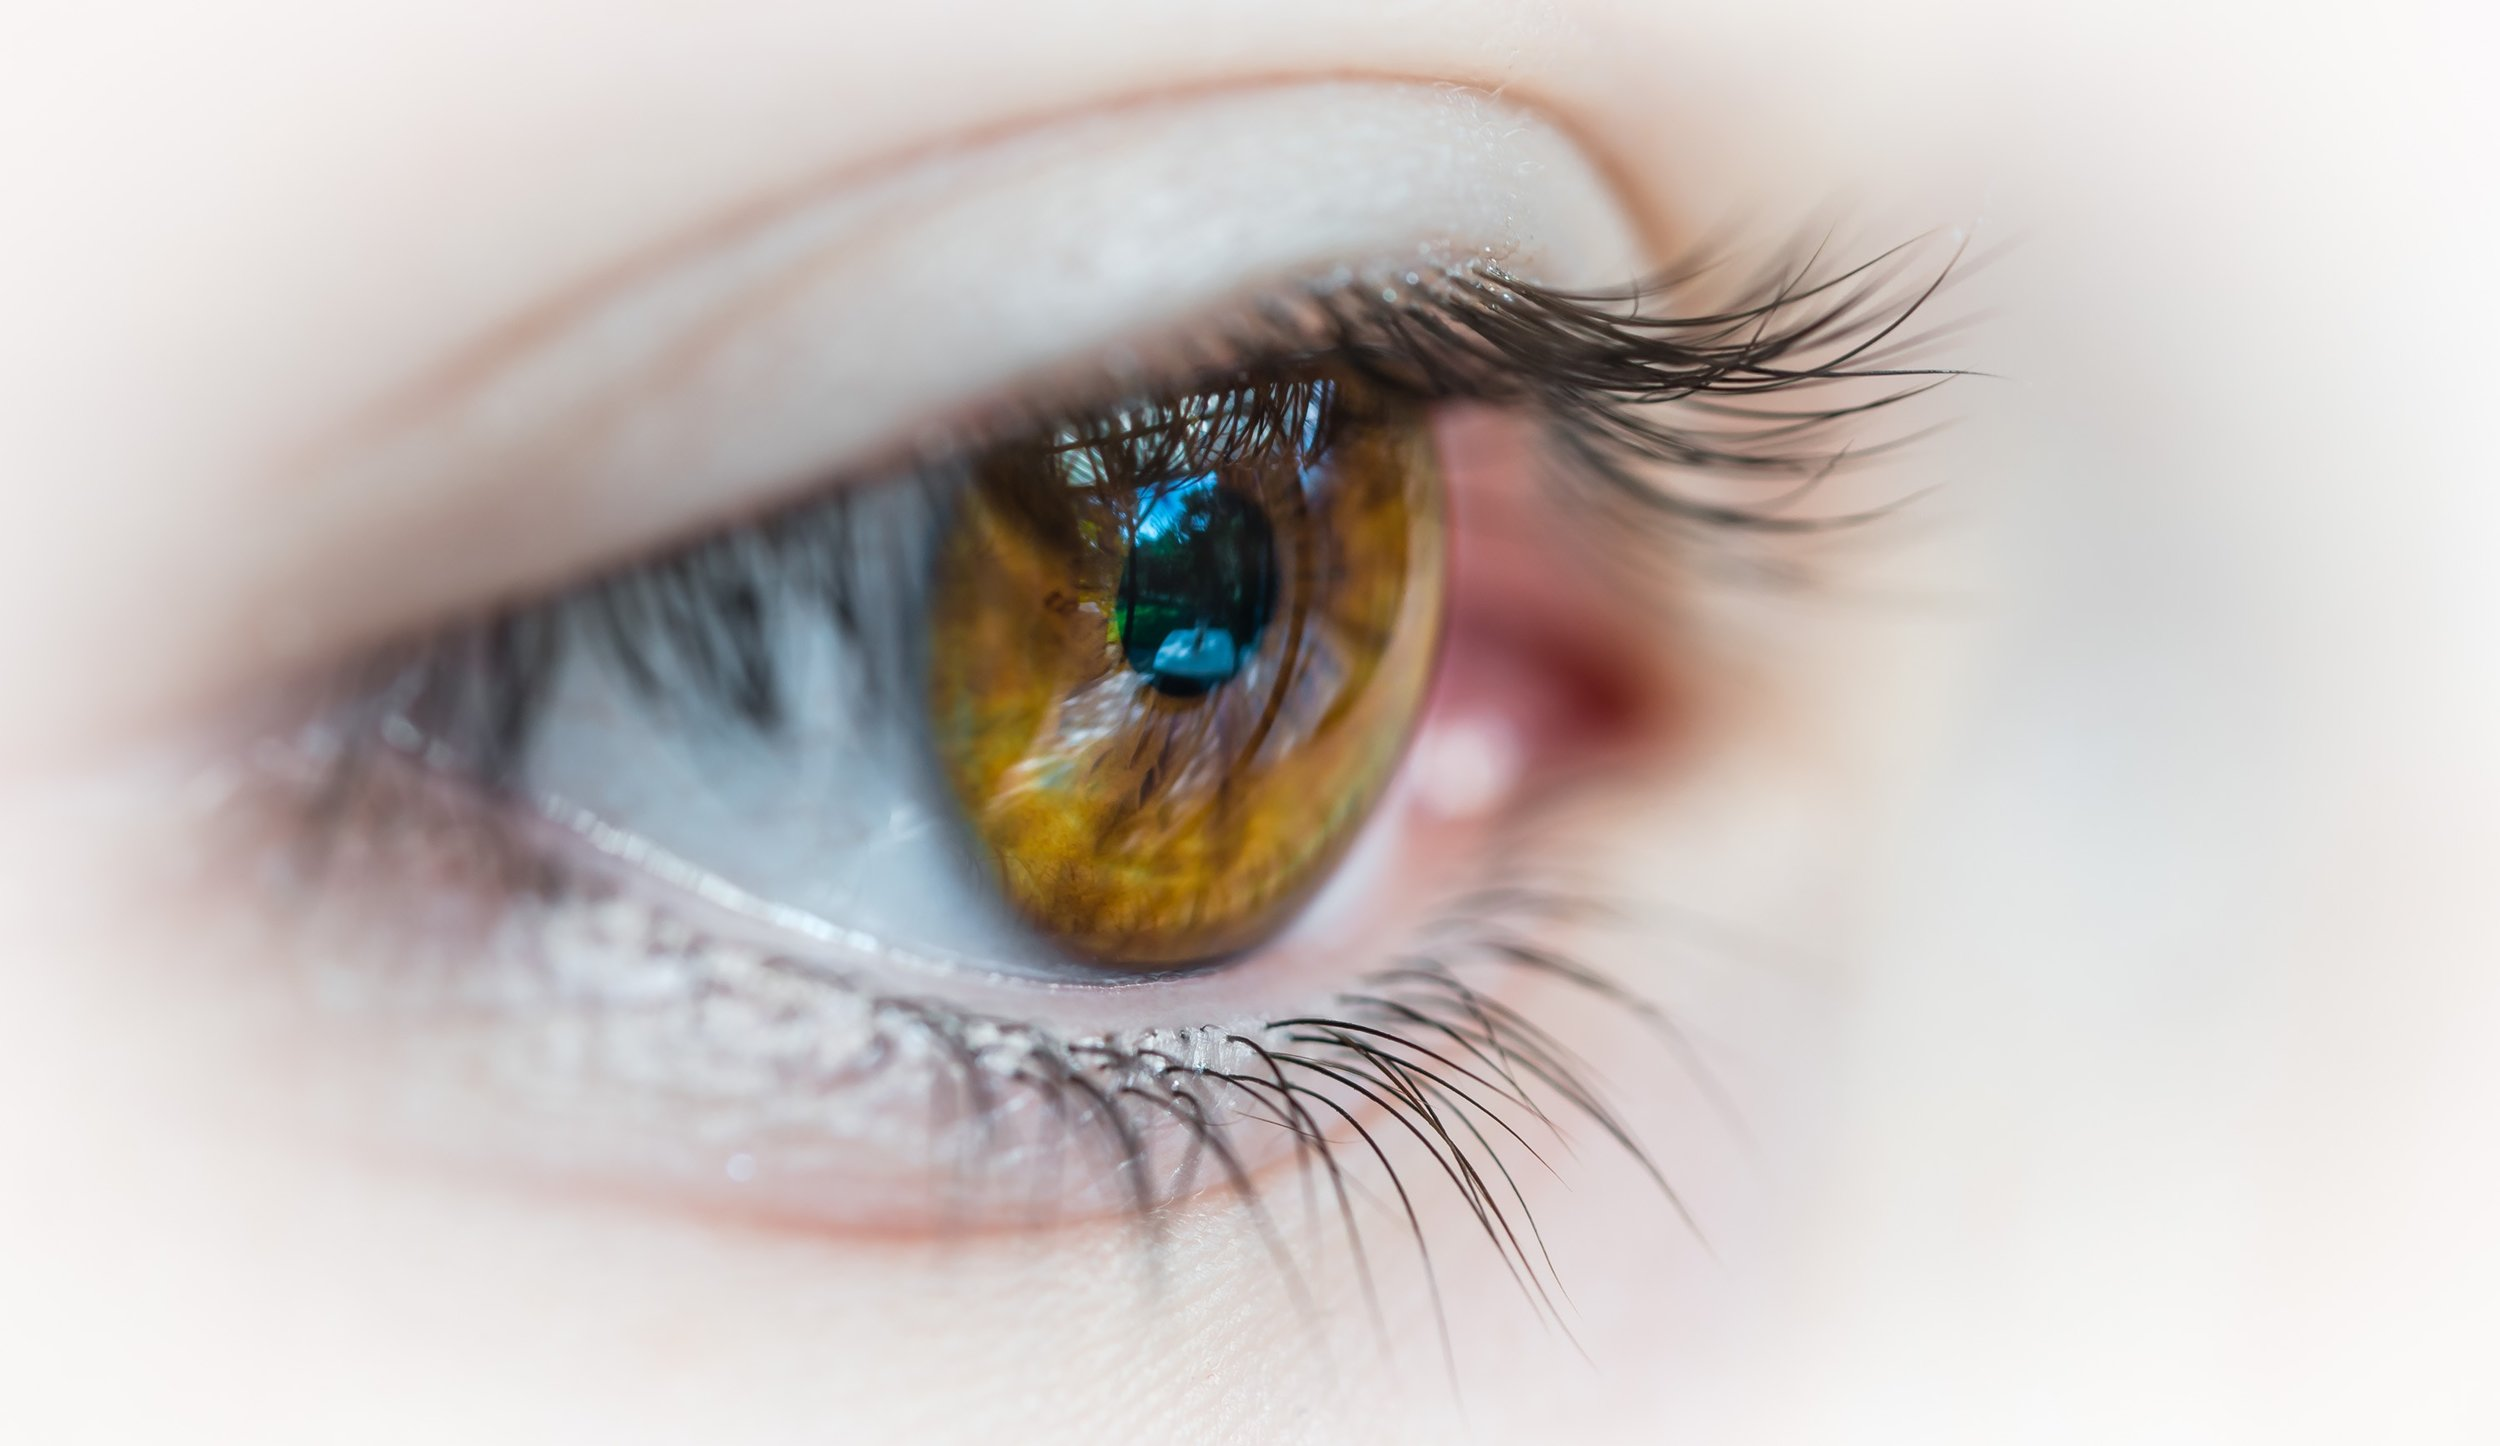 Le Yoga des yeux pour soulager son regard